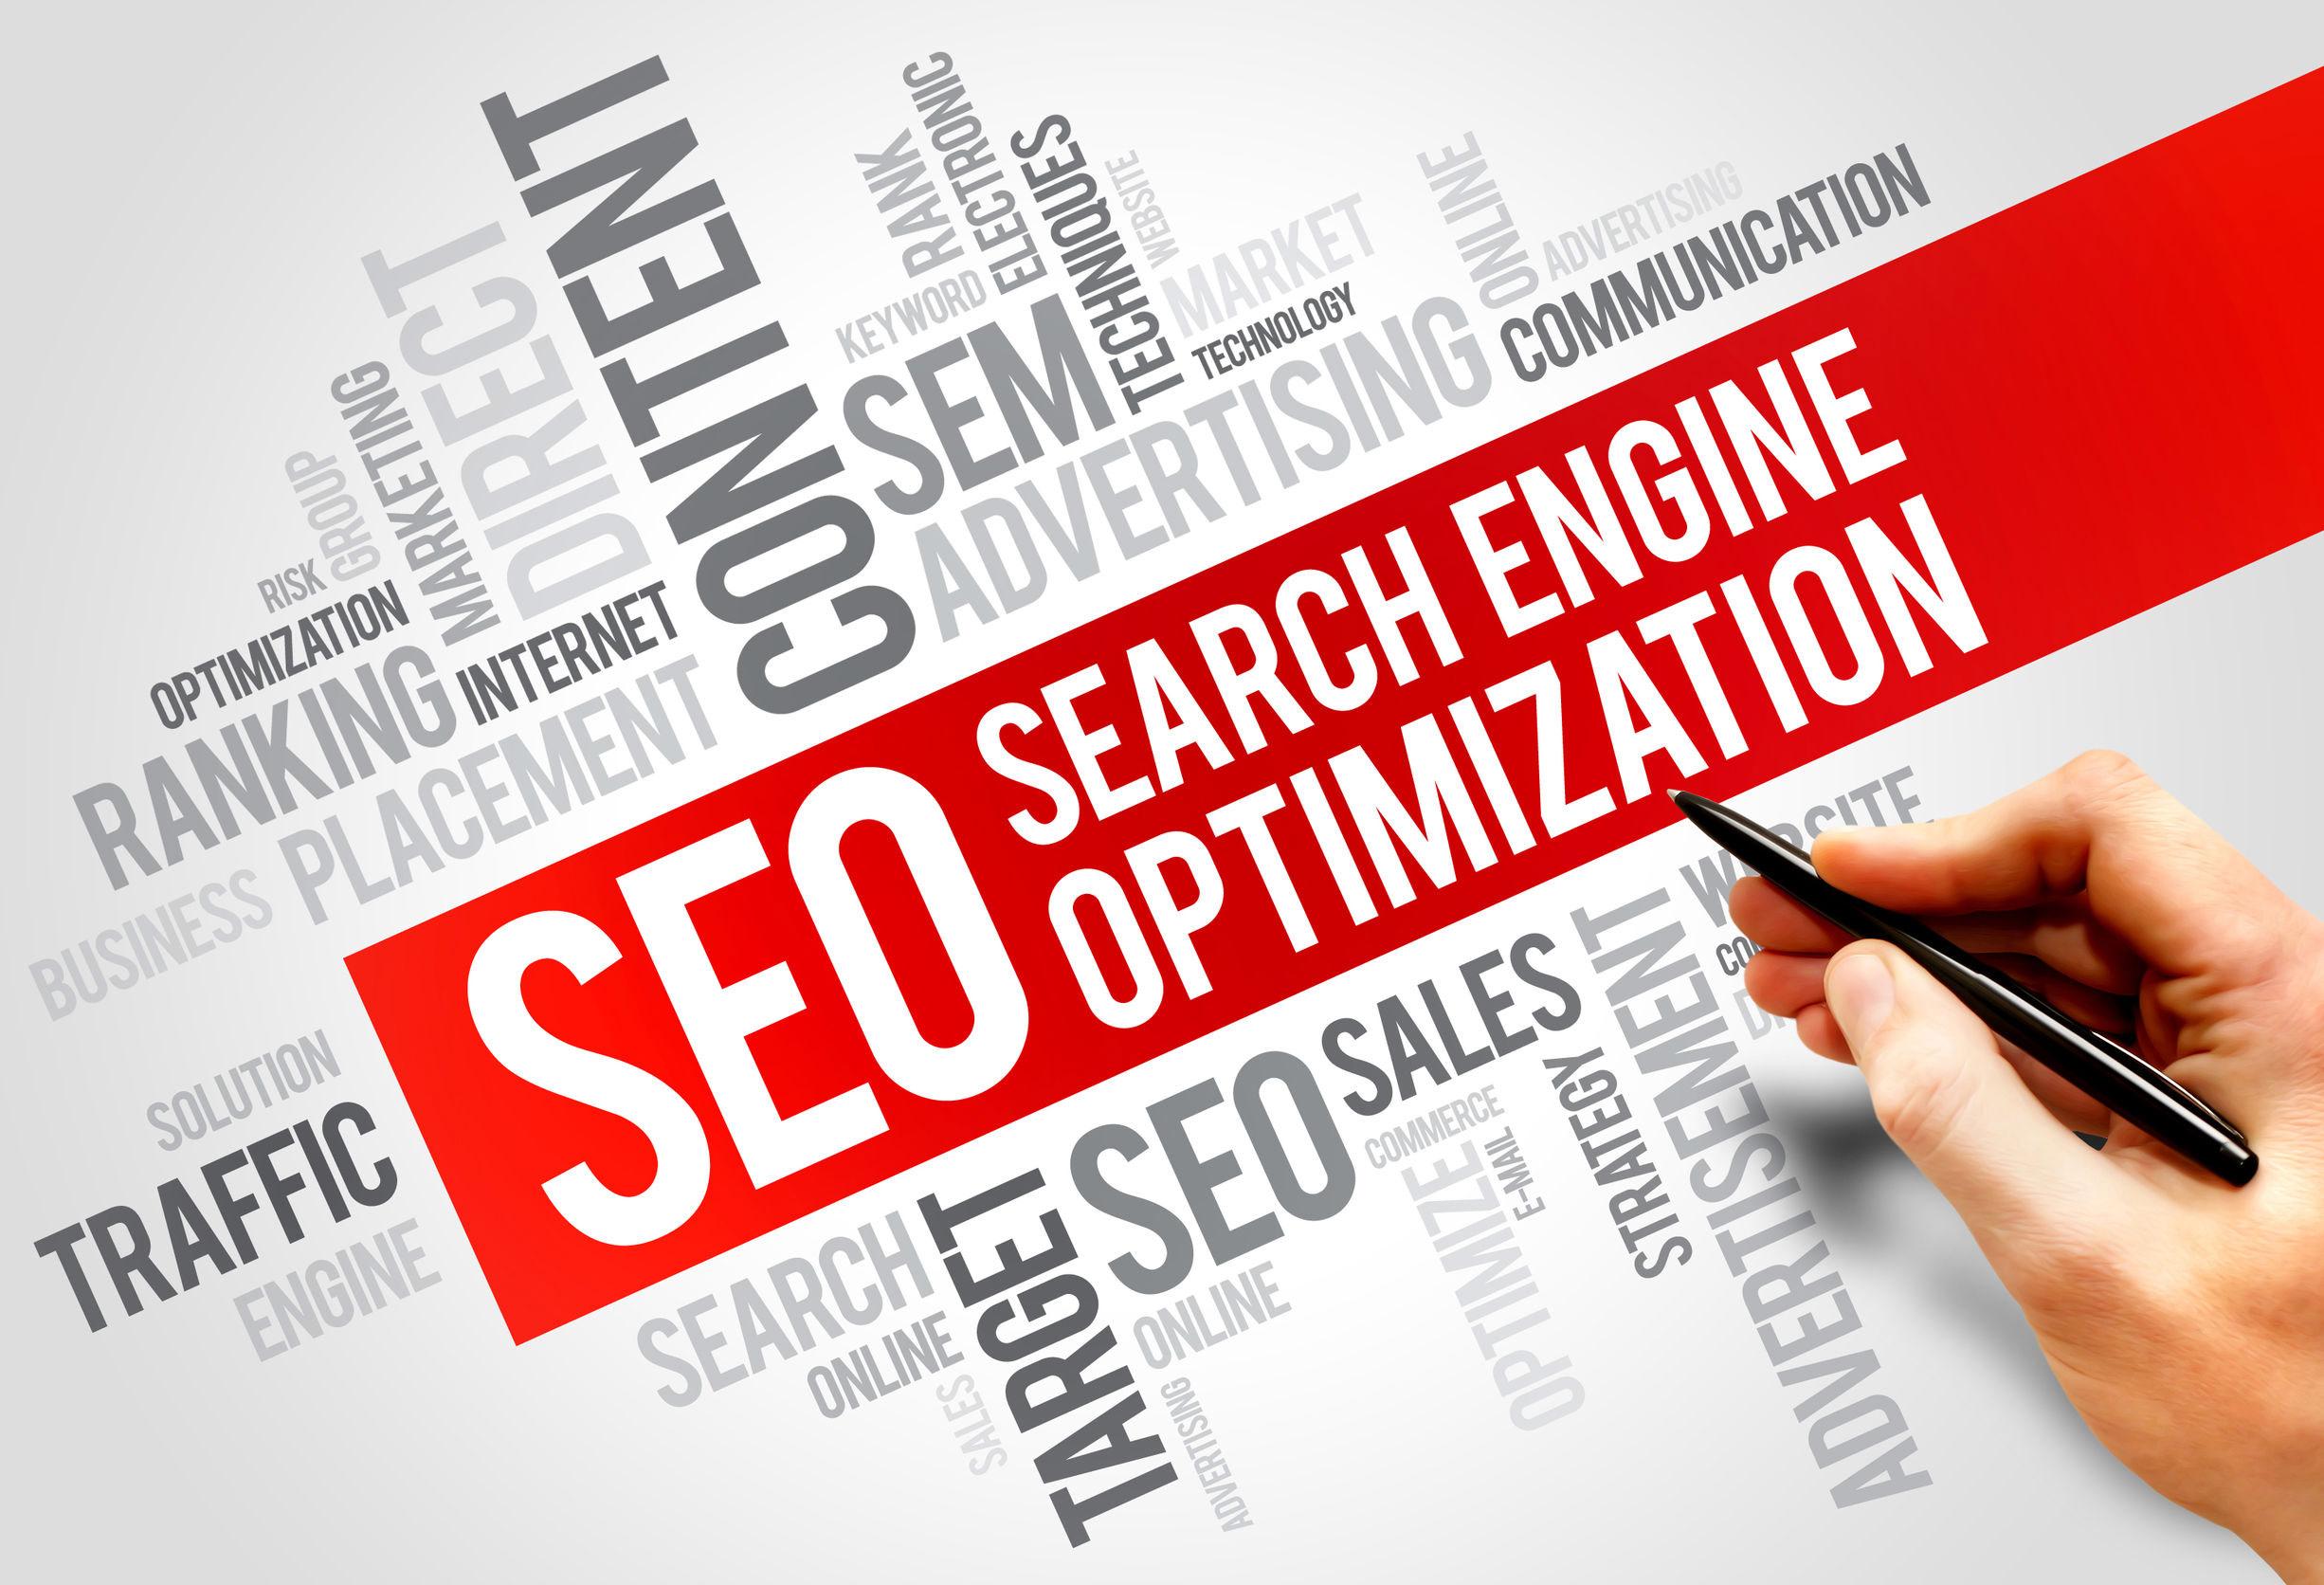 Vad innebär sökmotoroptimering?